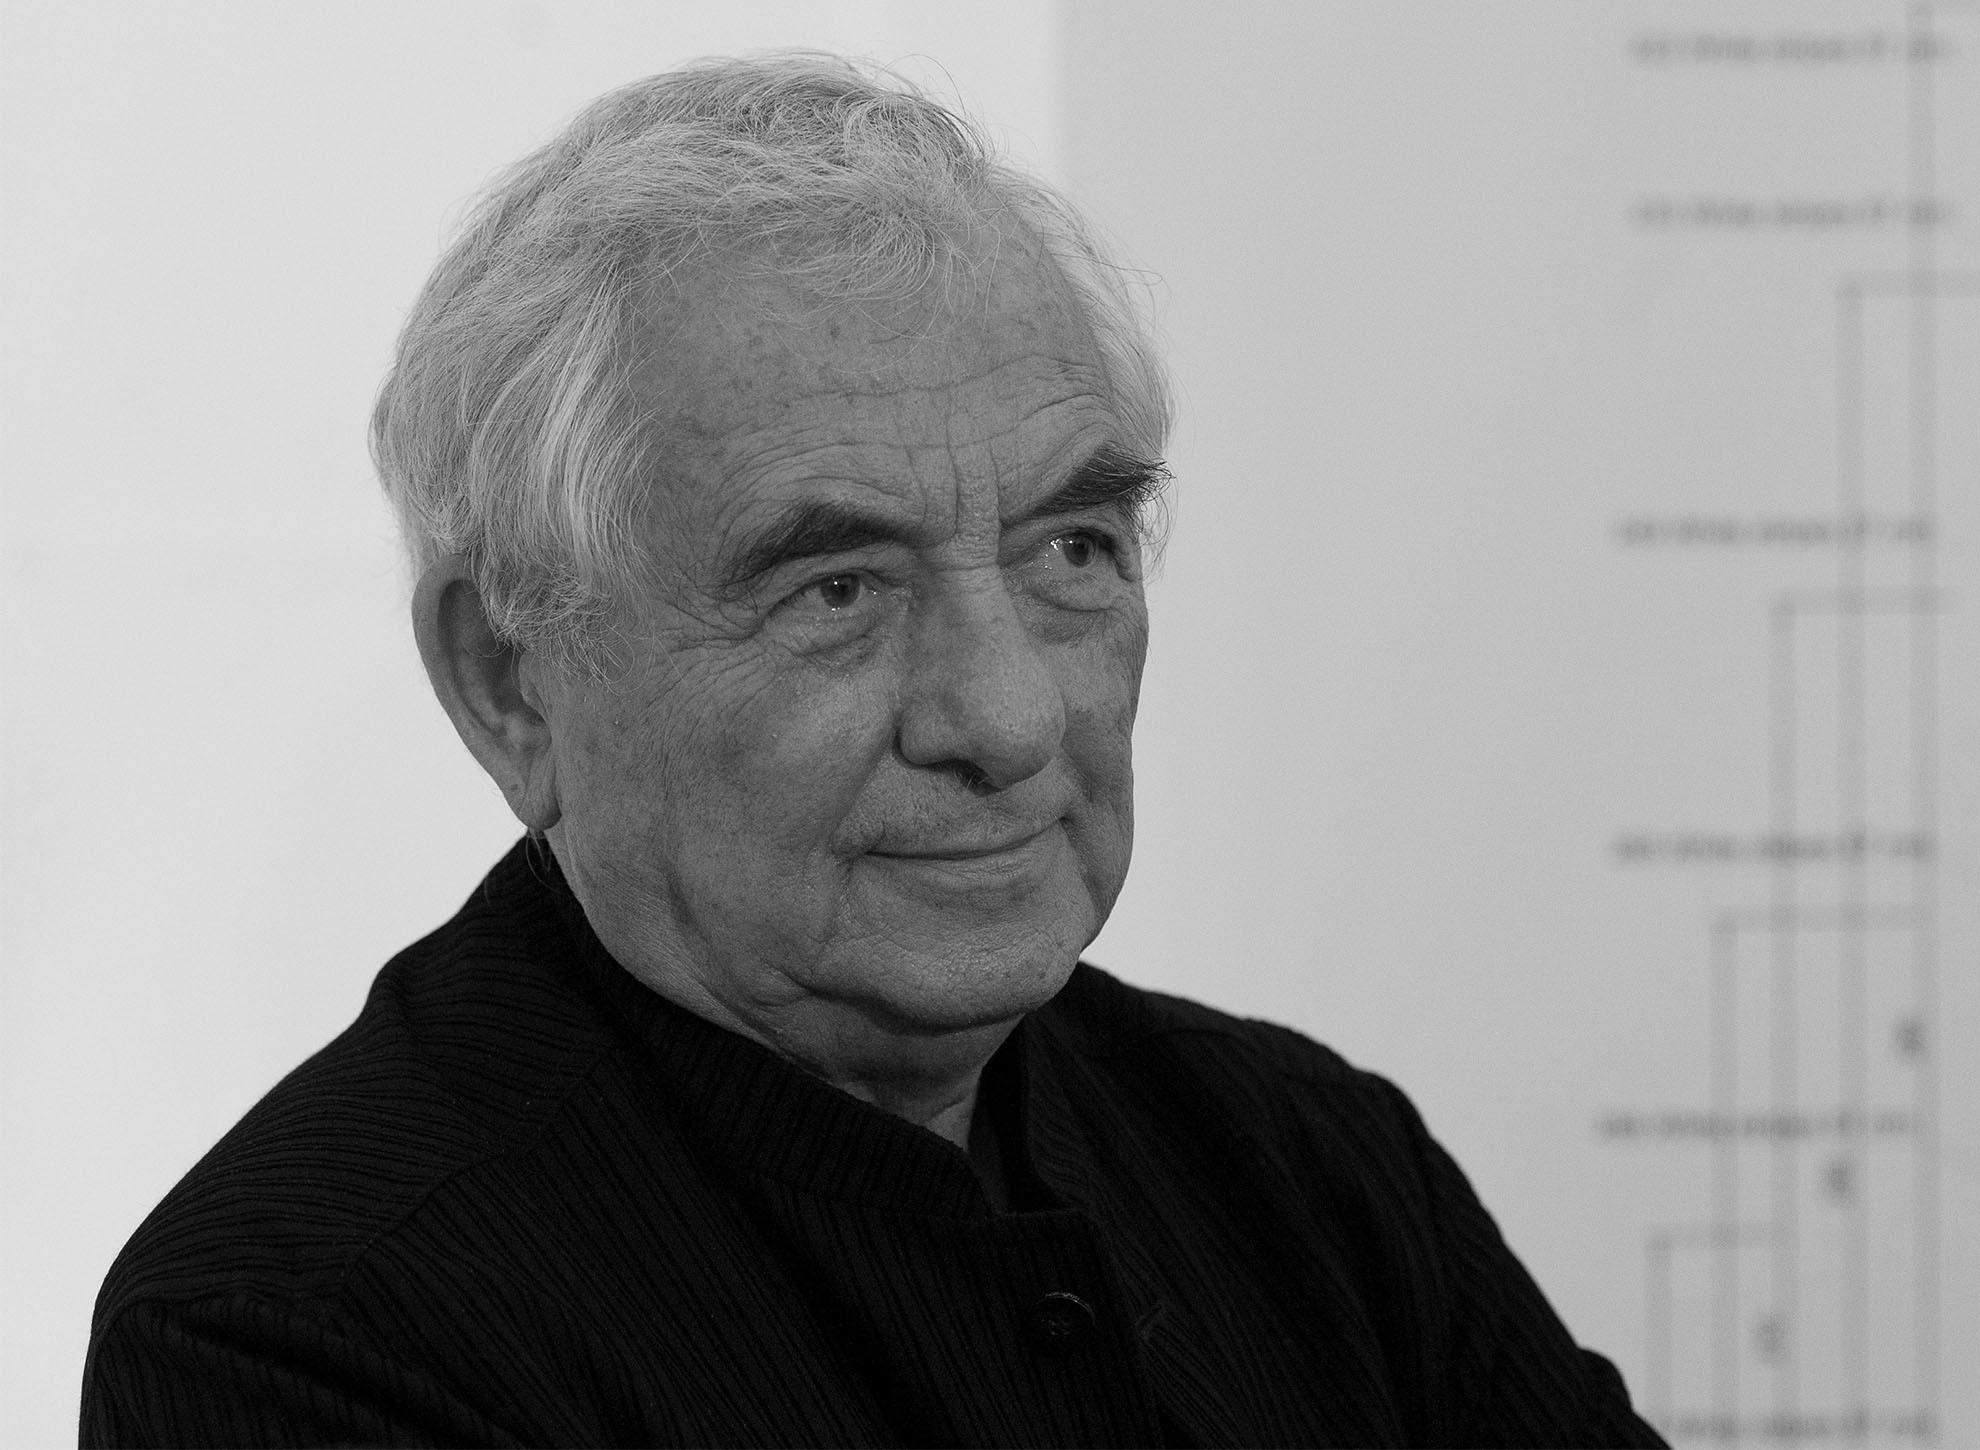 Portrait du sculpteur contemporain Daniel Buren, collaborateur de Trilobe dans le projet Only Watch 2021